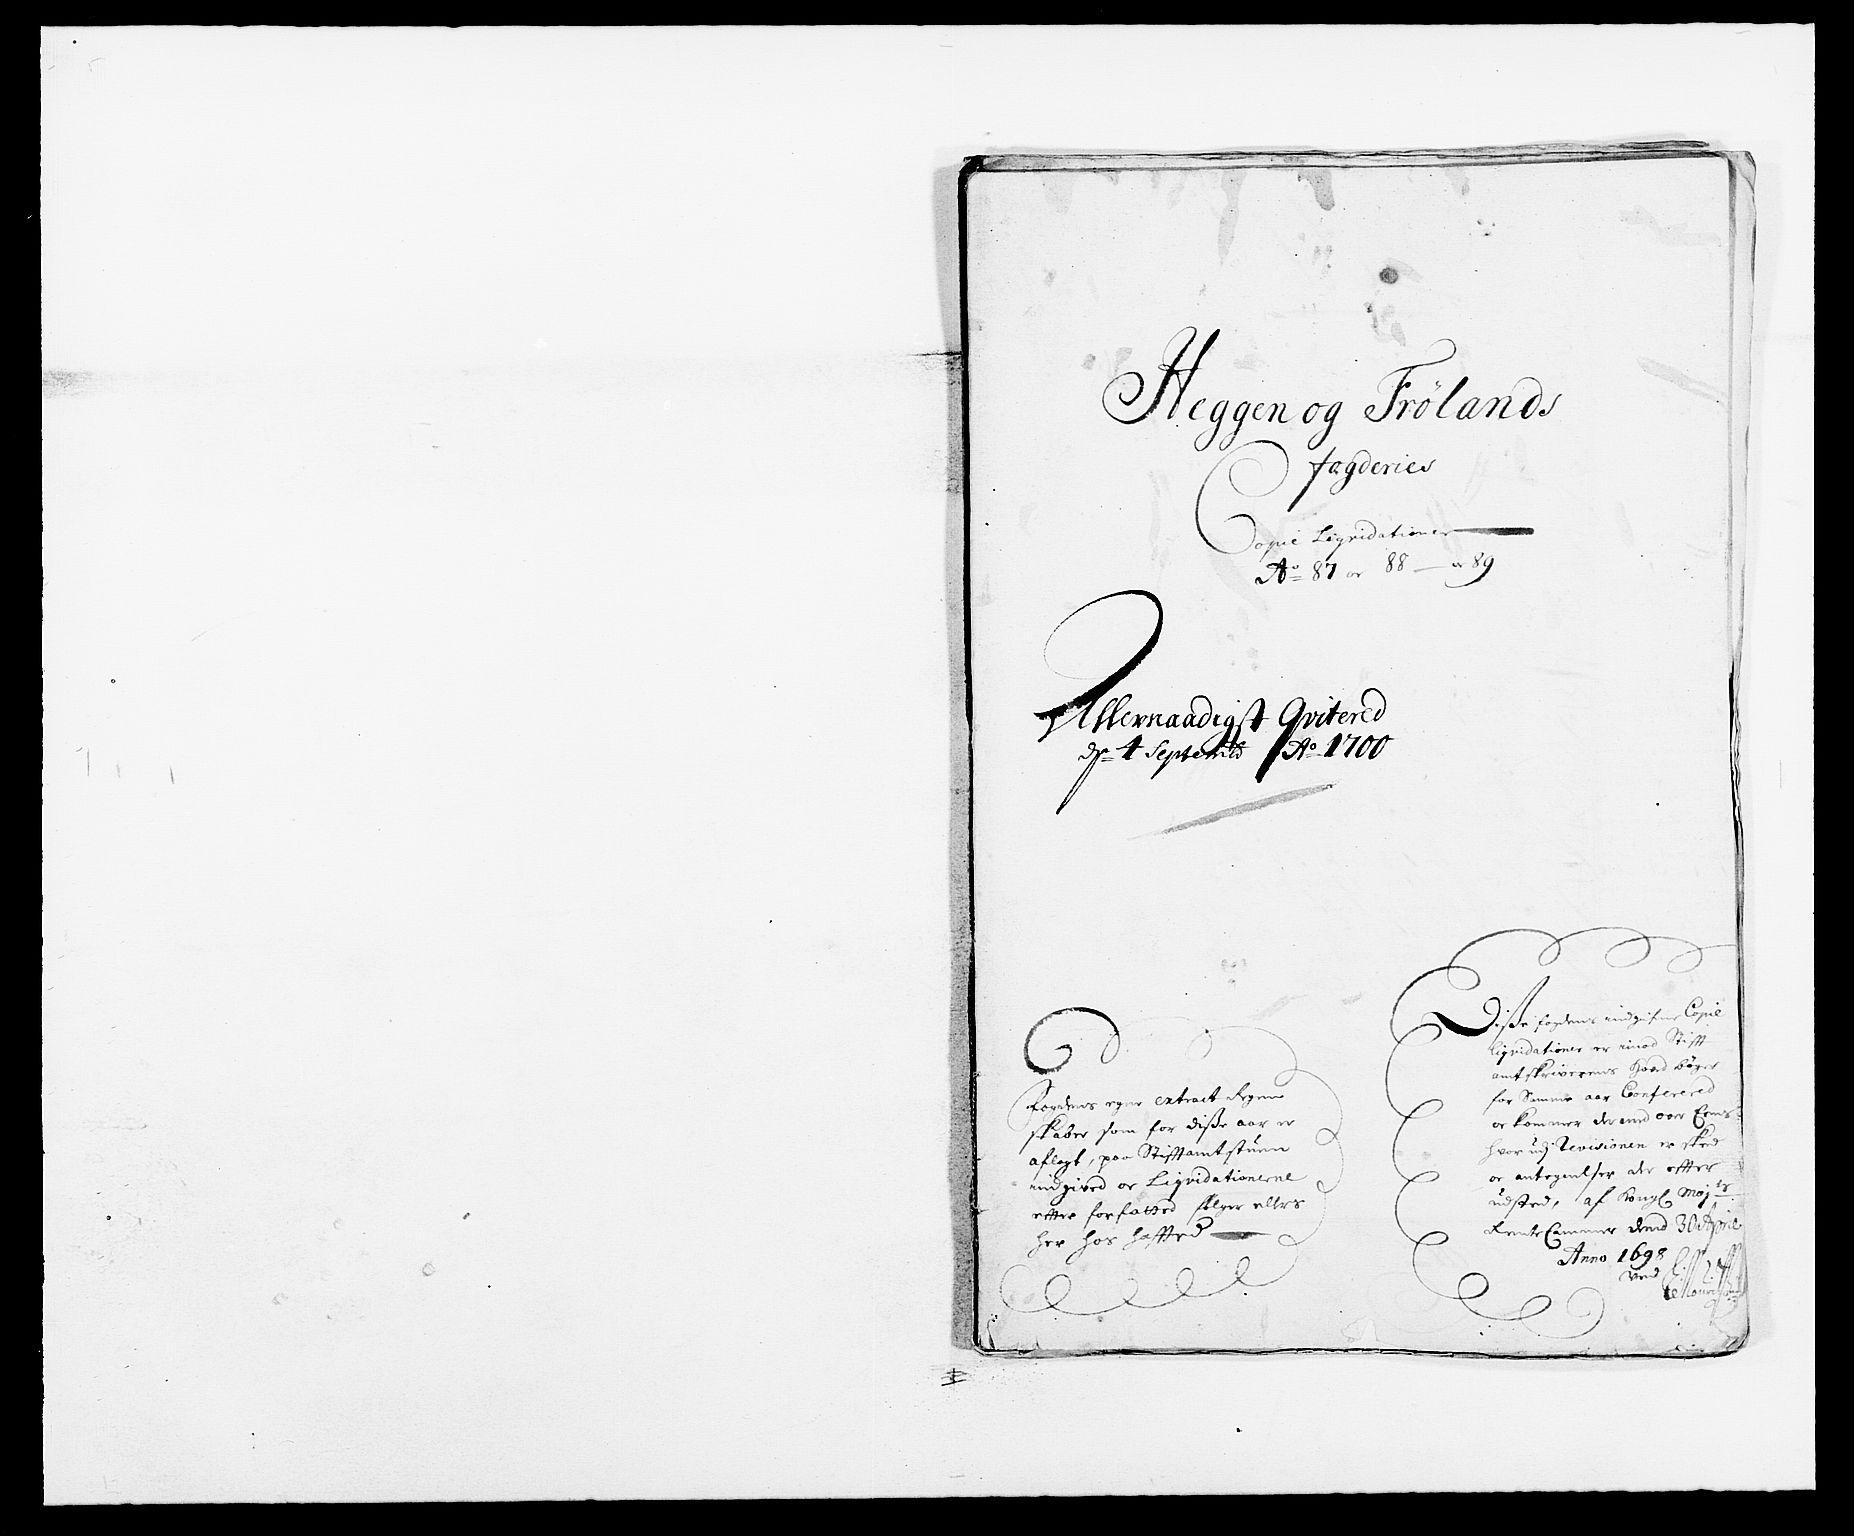 RA, Rentekammeret inntil 1814, Reviderte regnskaper, Fogderegnskap, R06/L0282: Fogderegnskap Heggen og Frøland, 1687-1690, s. 186